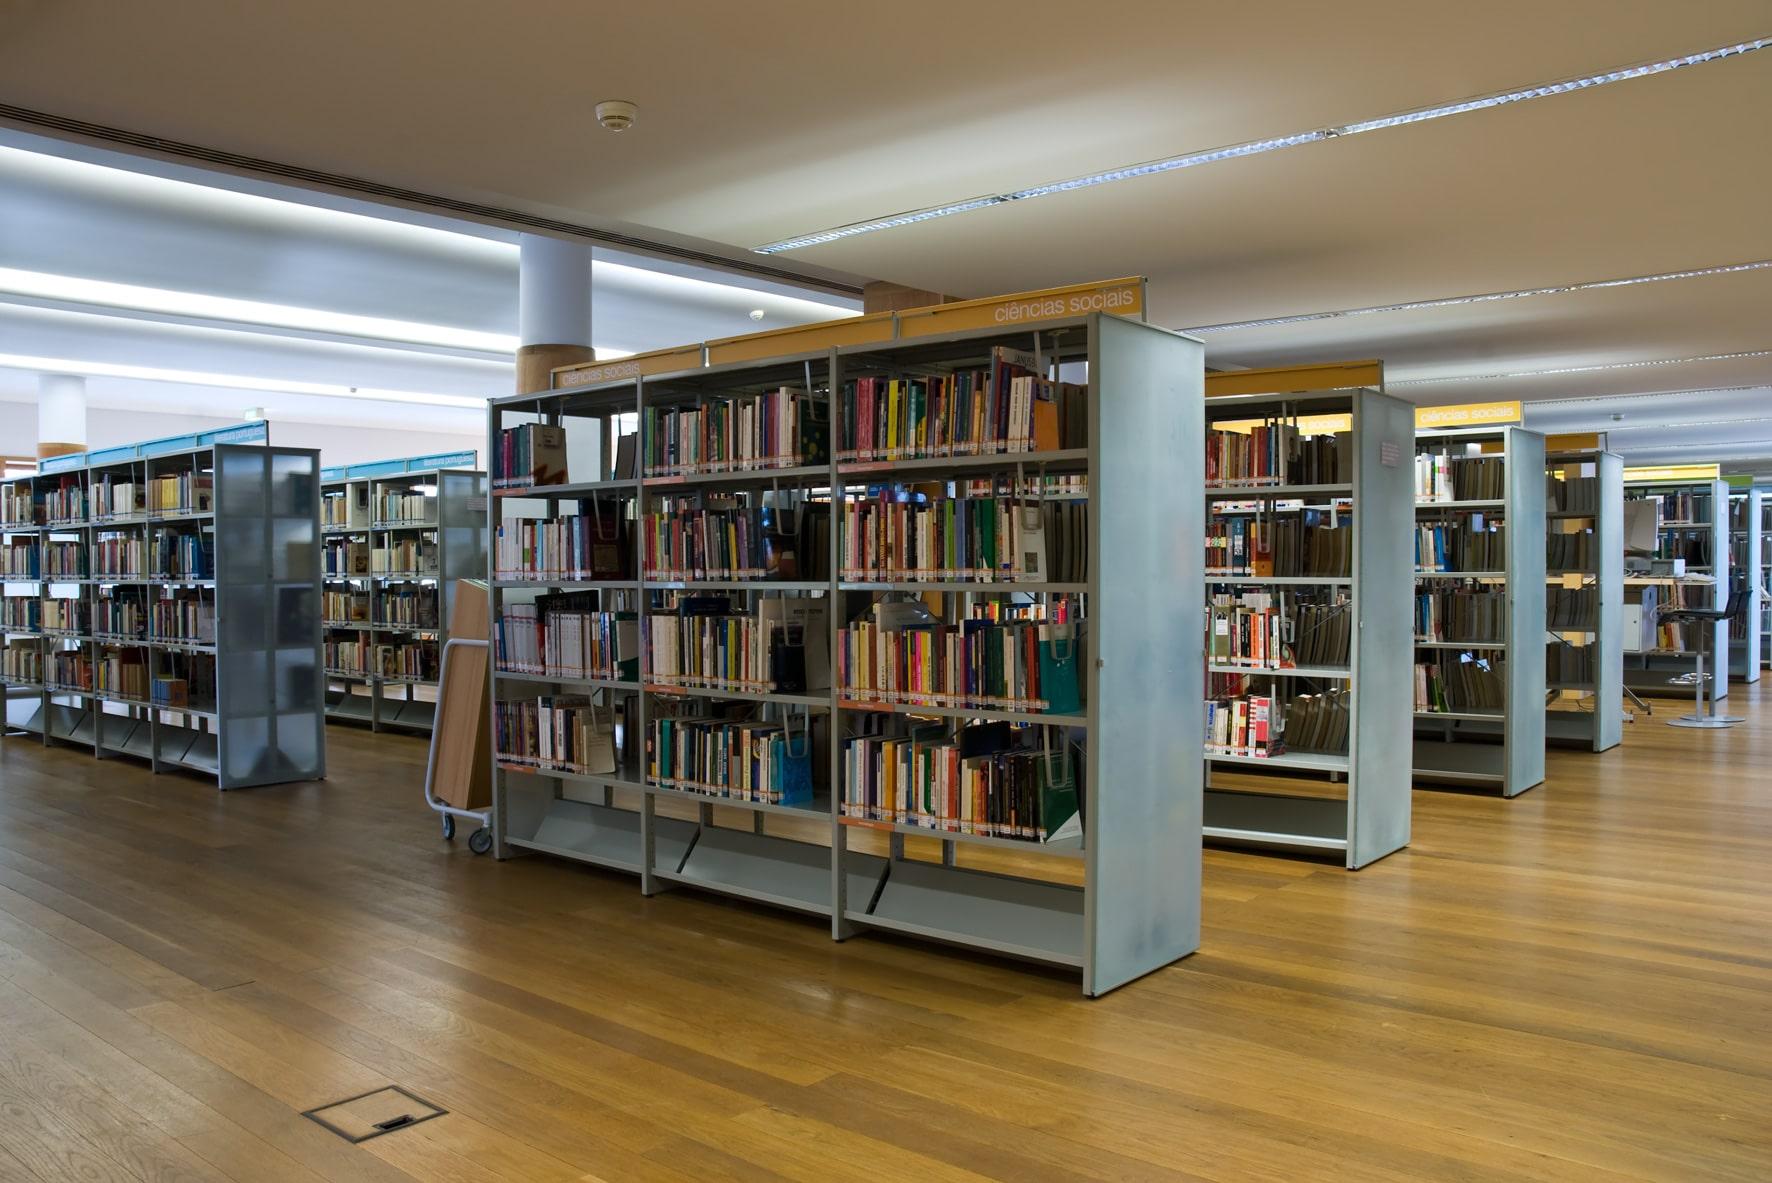 Biblioteca Almeida Garrett